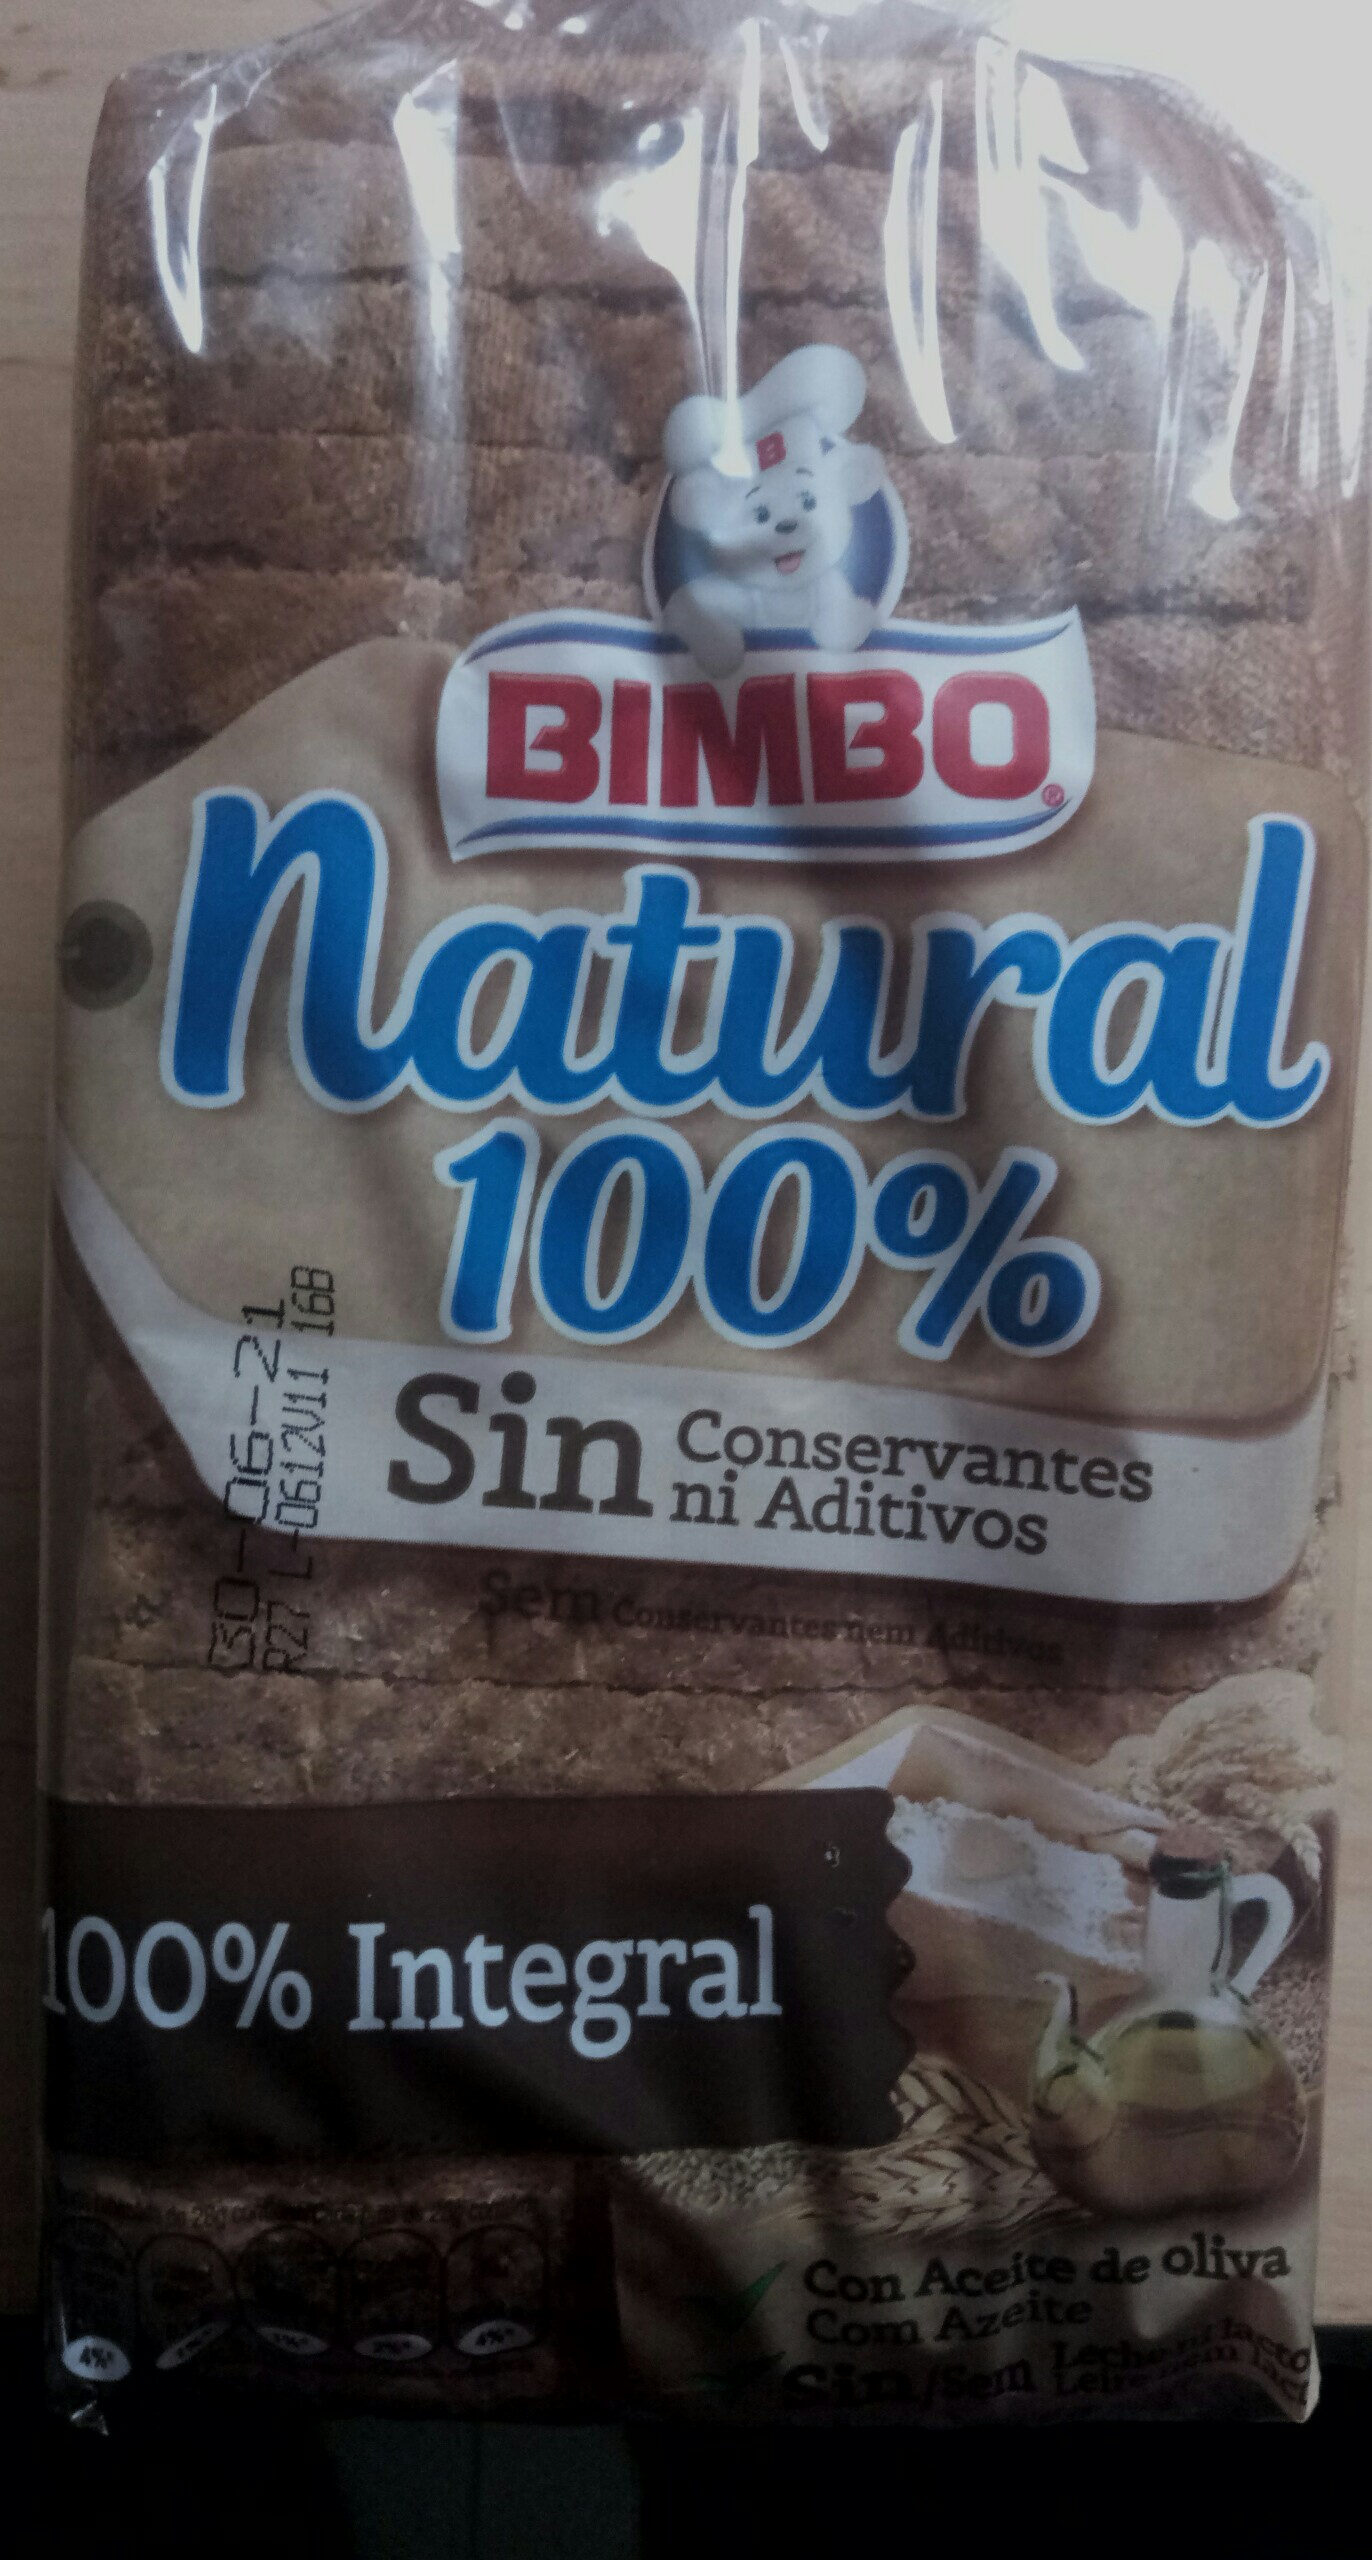 Bimbo integral Natural 100% - Producto - es